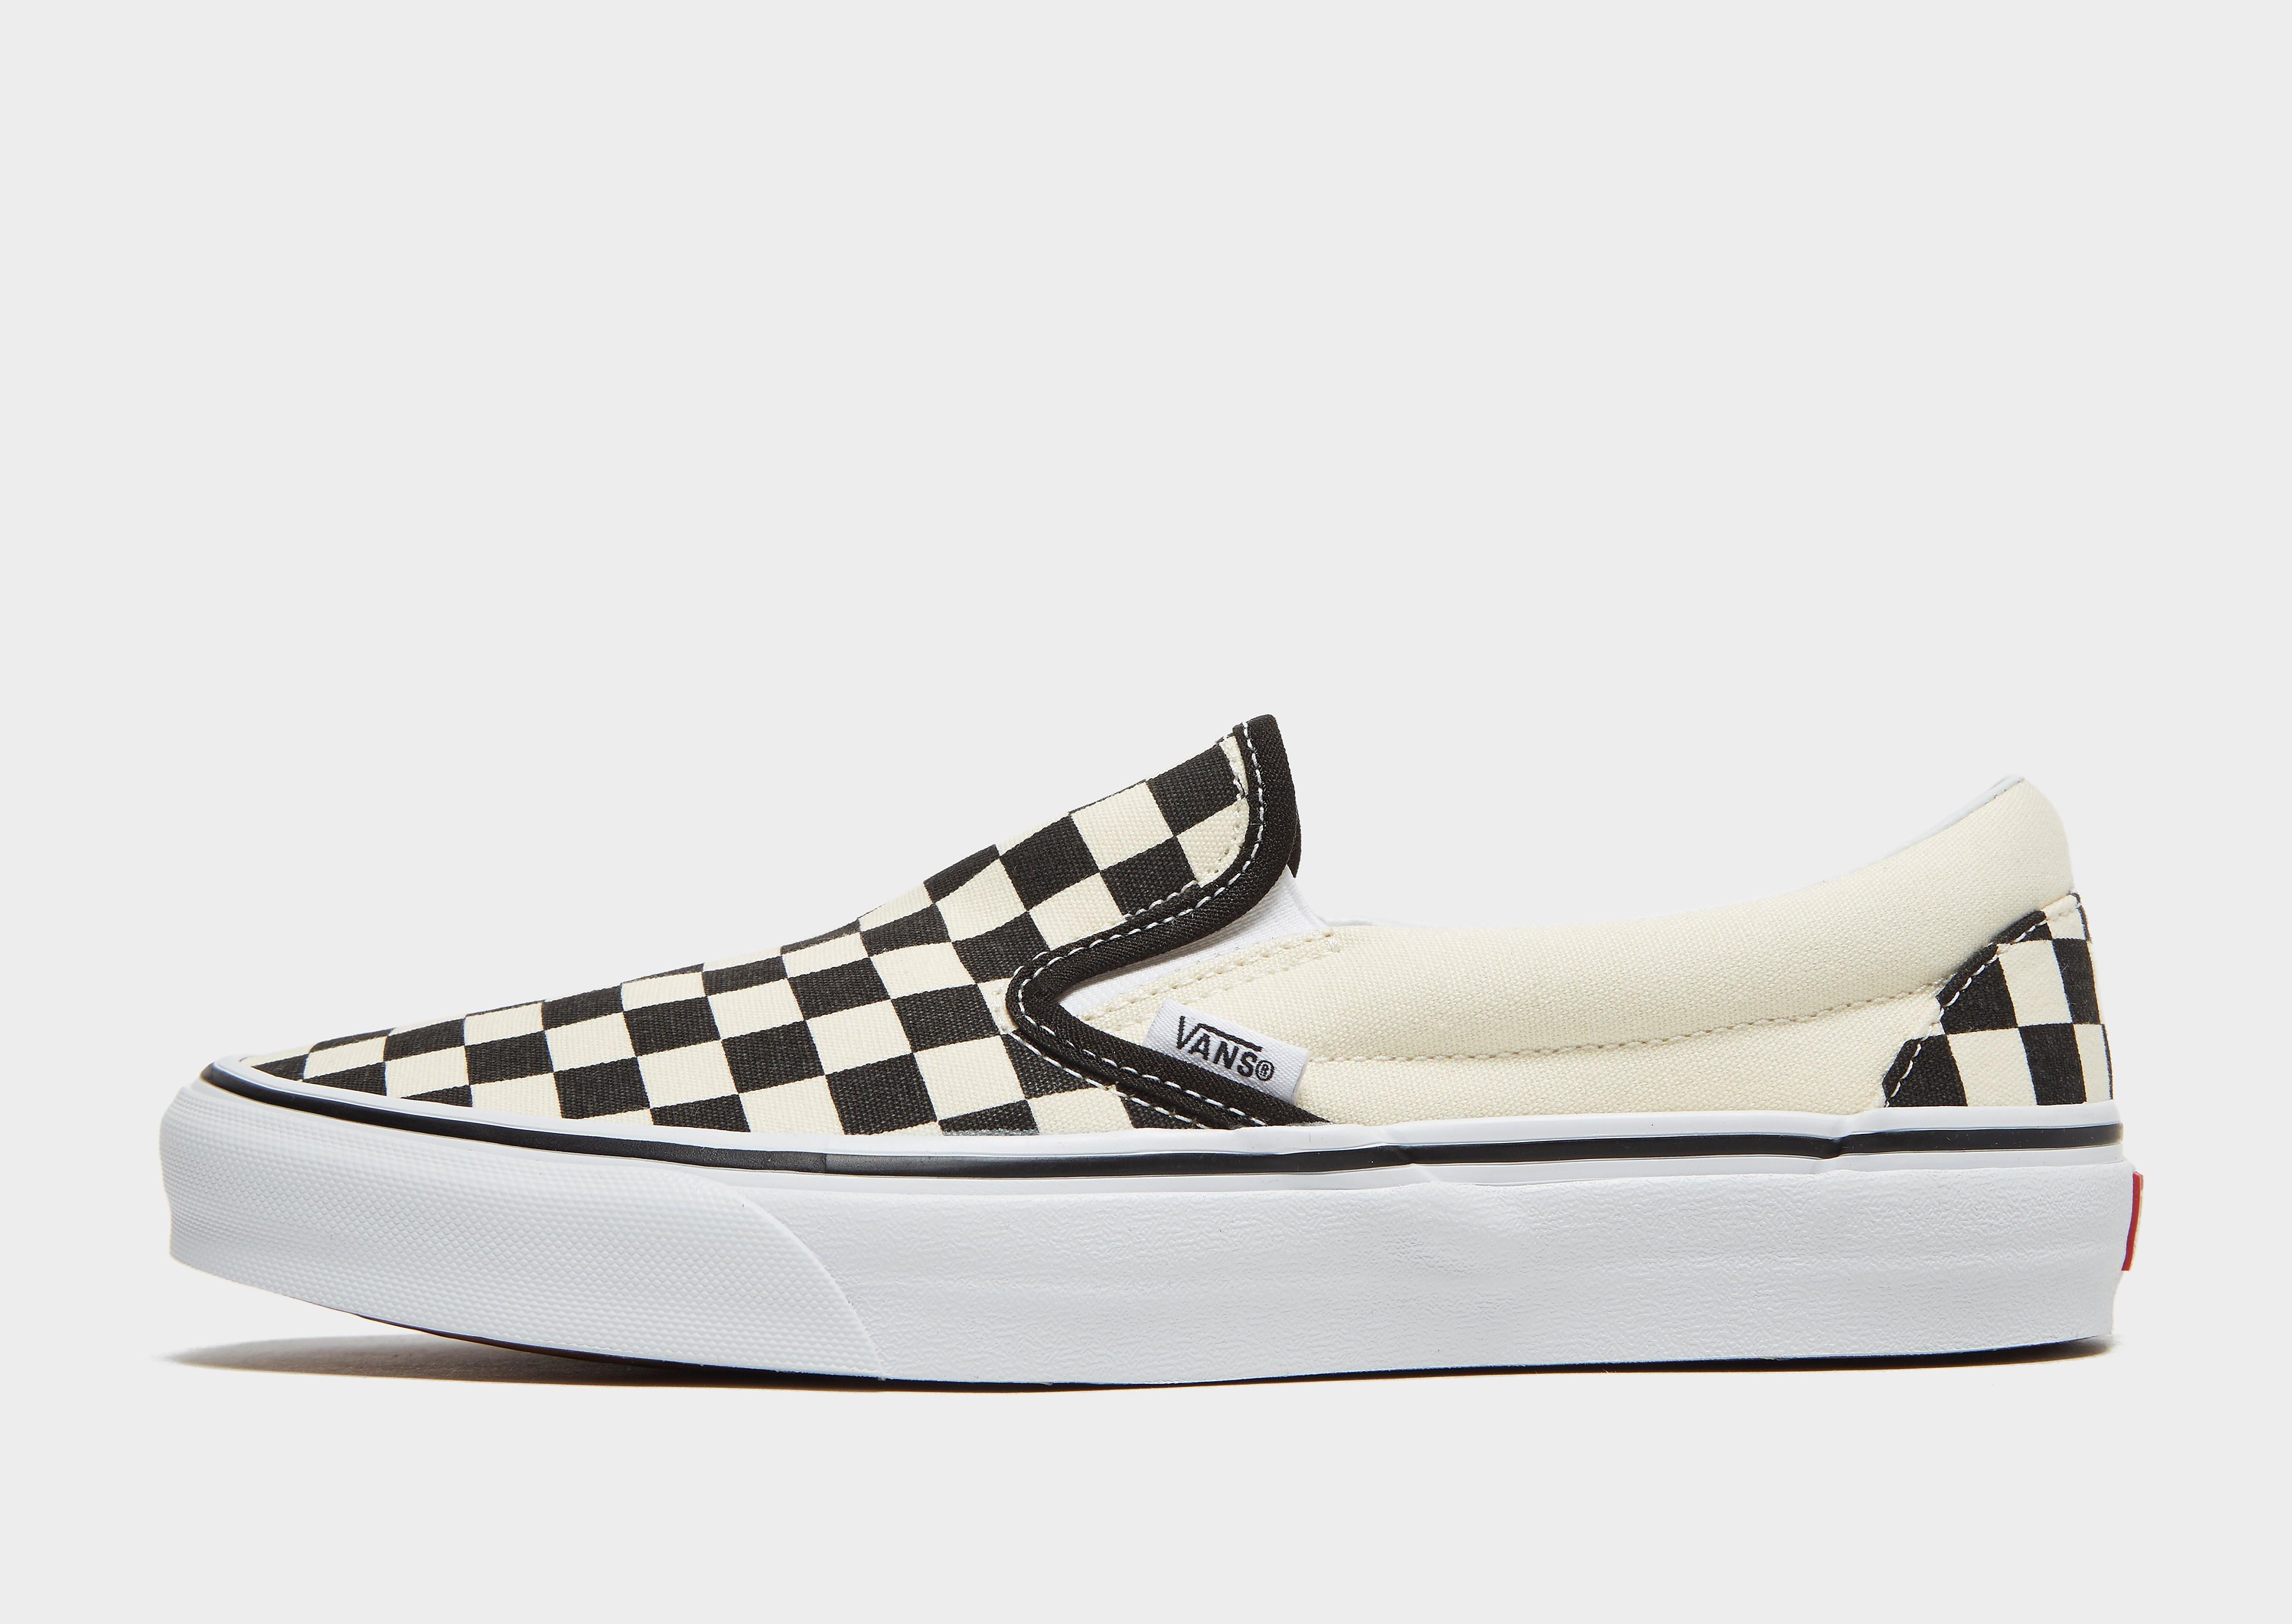 Vans Classic Slip-On Homme